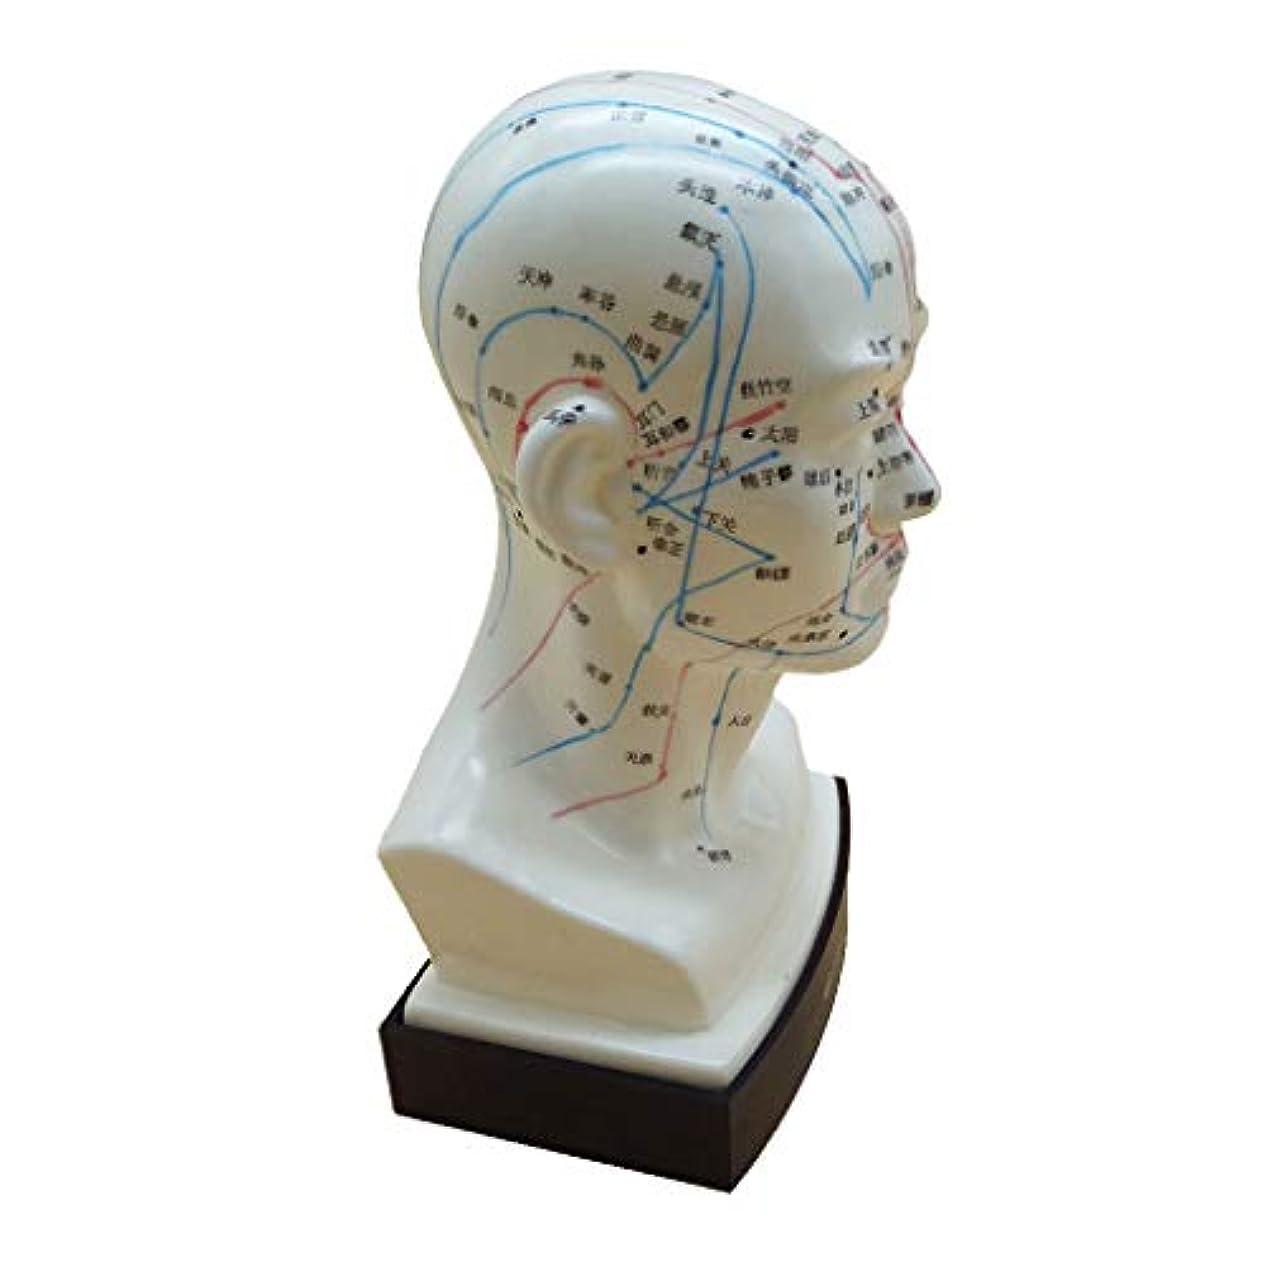 表現うなる降ろすマッサージ モデル 中国語 指圧ポイント 人間の頭 経絡モデル